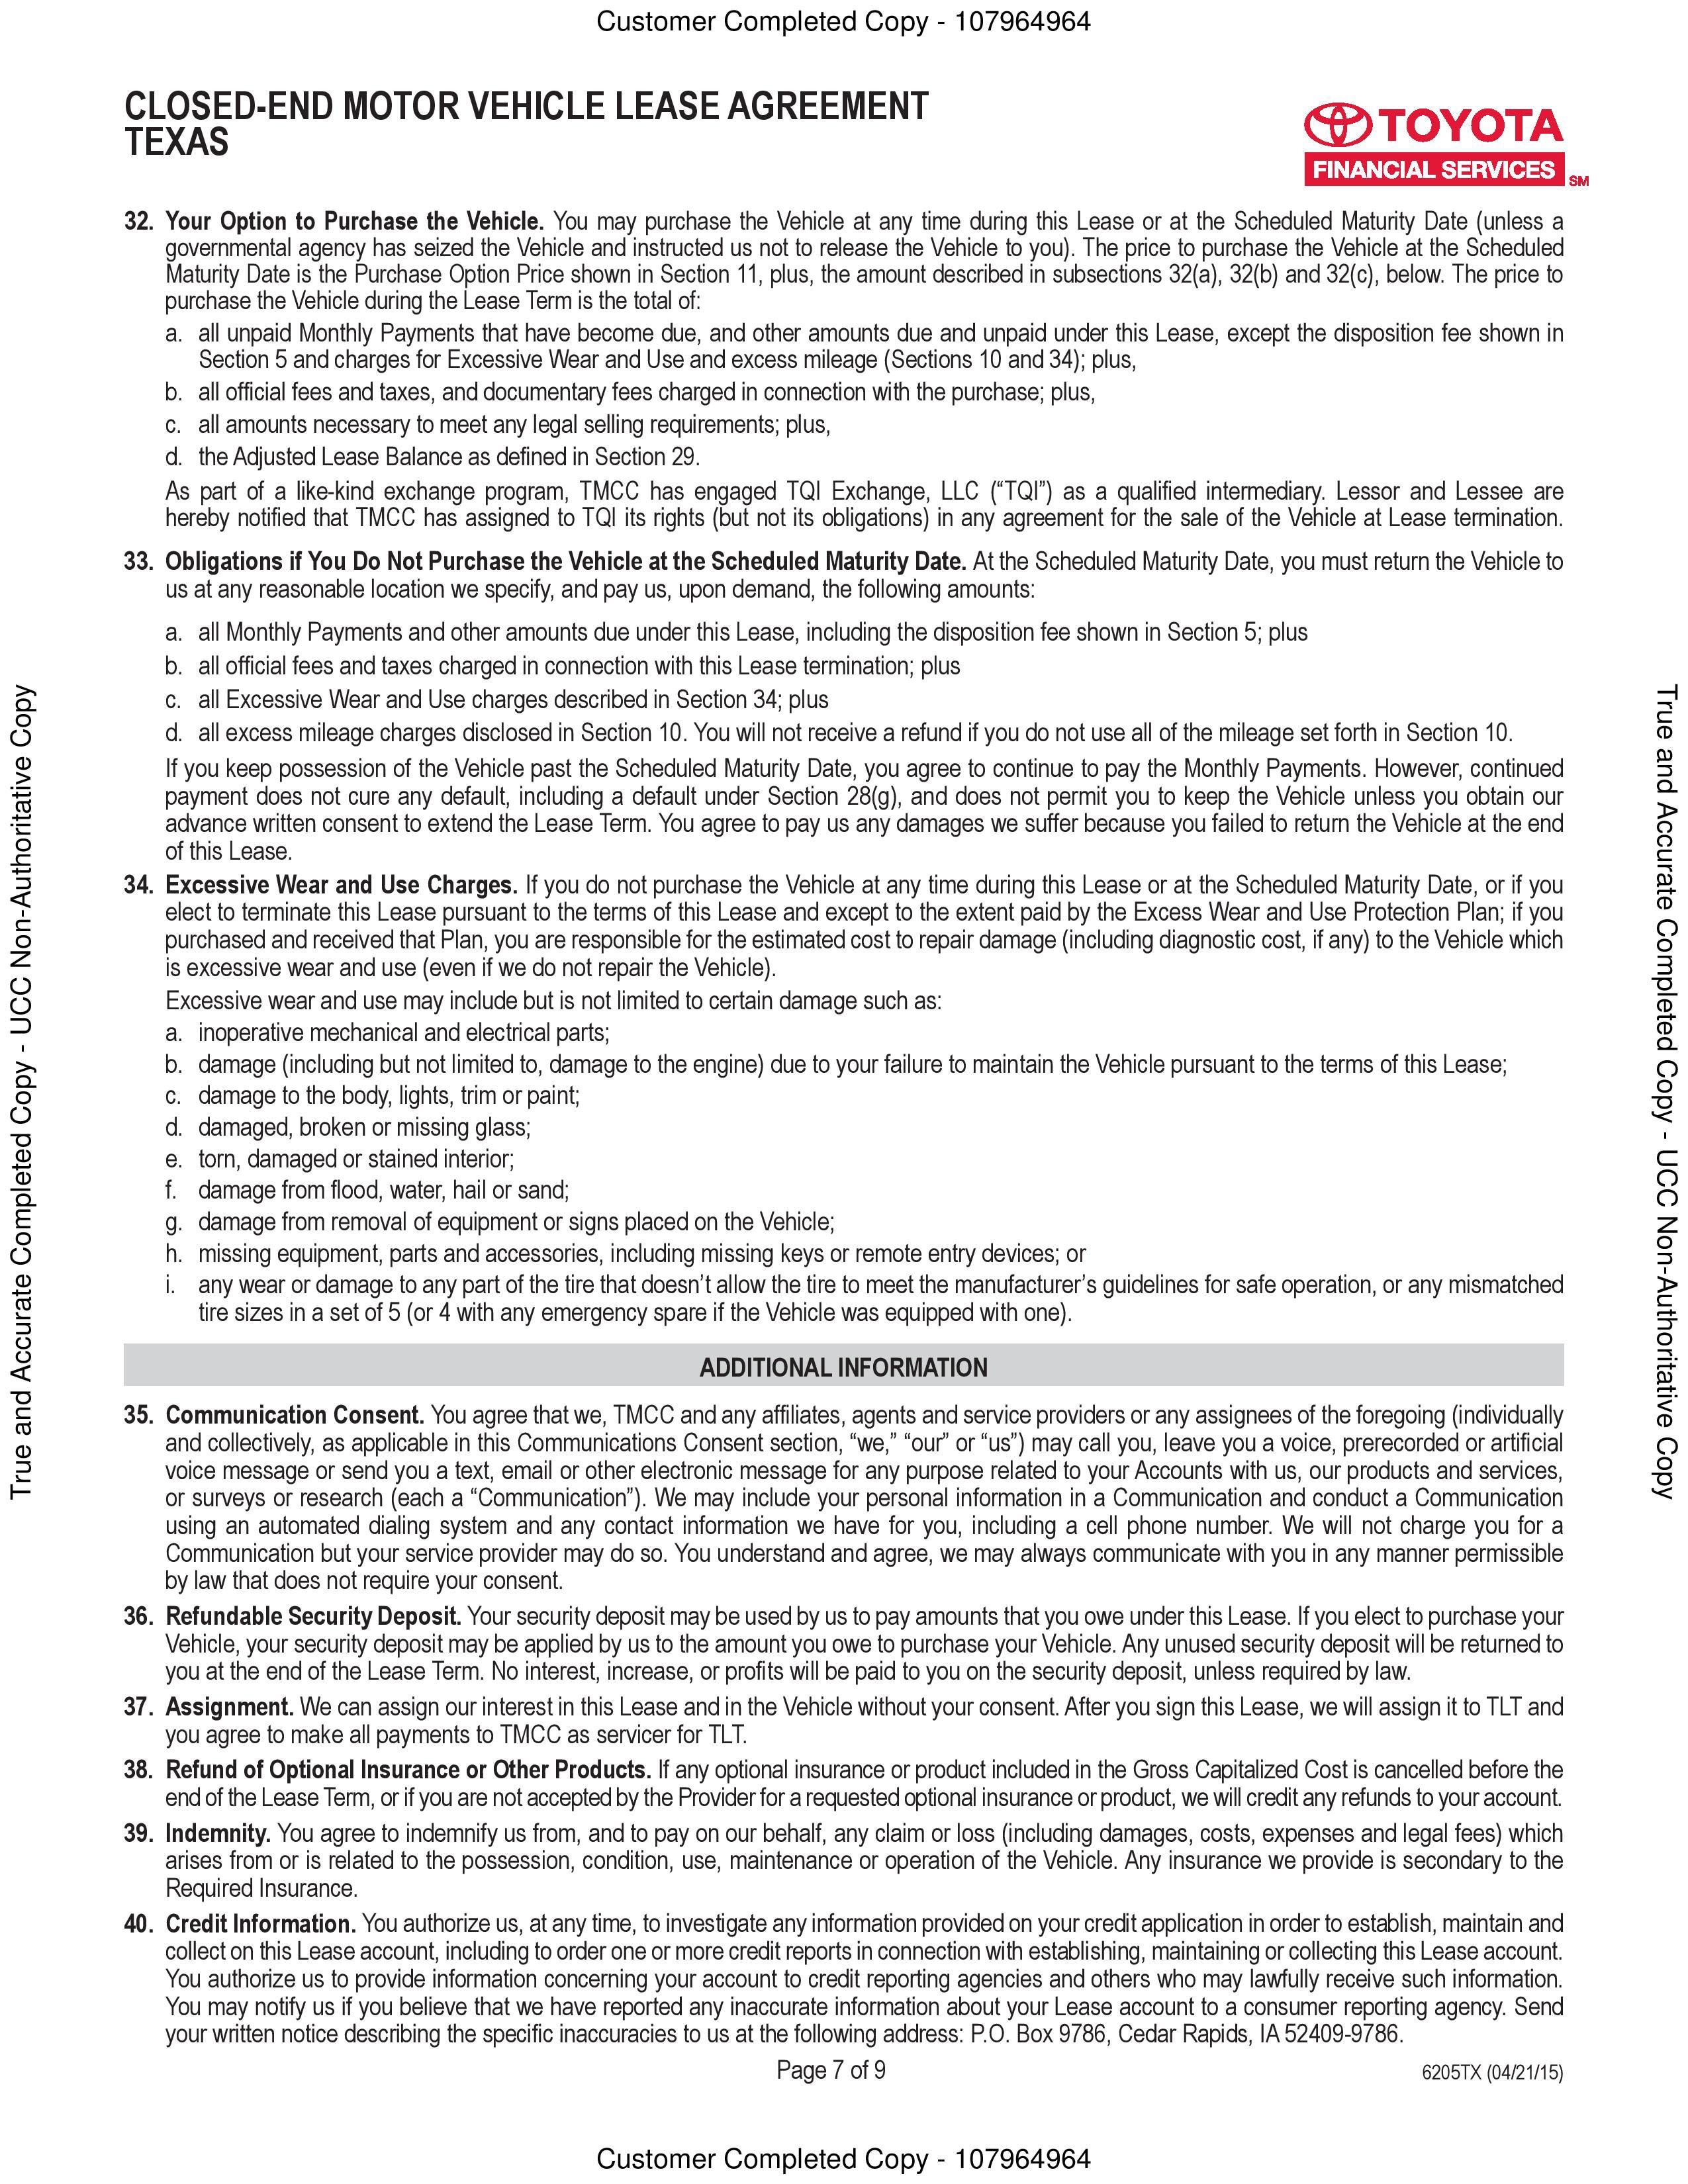 Texas motor vehicle dealer forms impremedia website by dealer platinumwayz